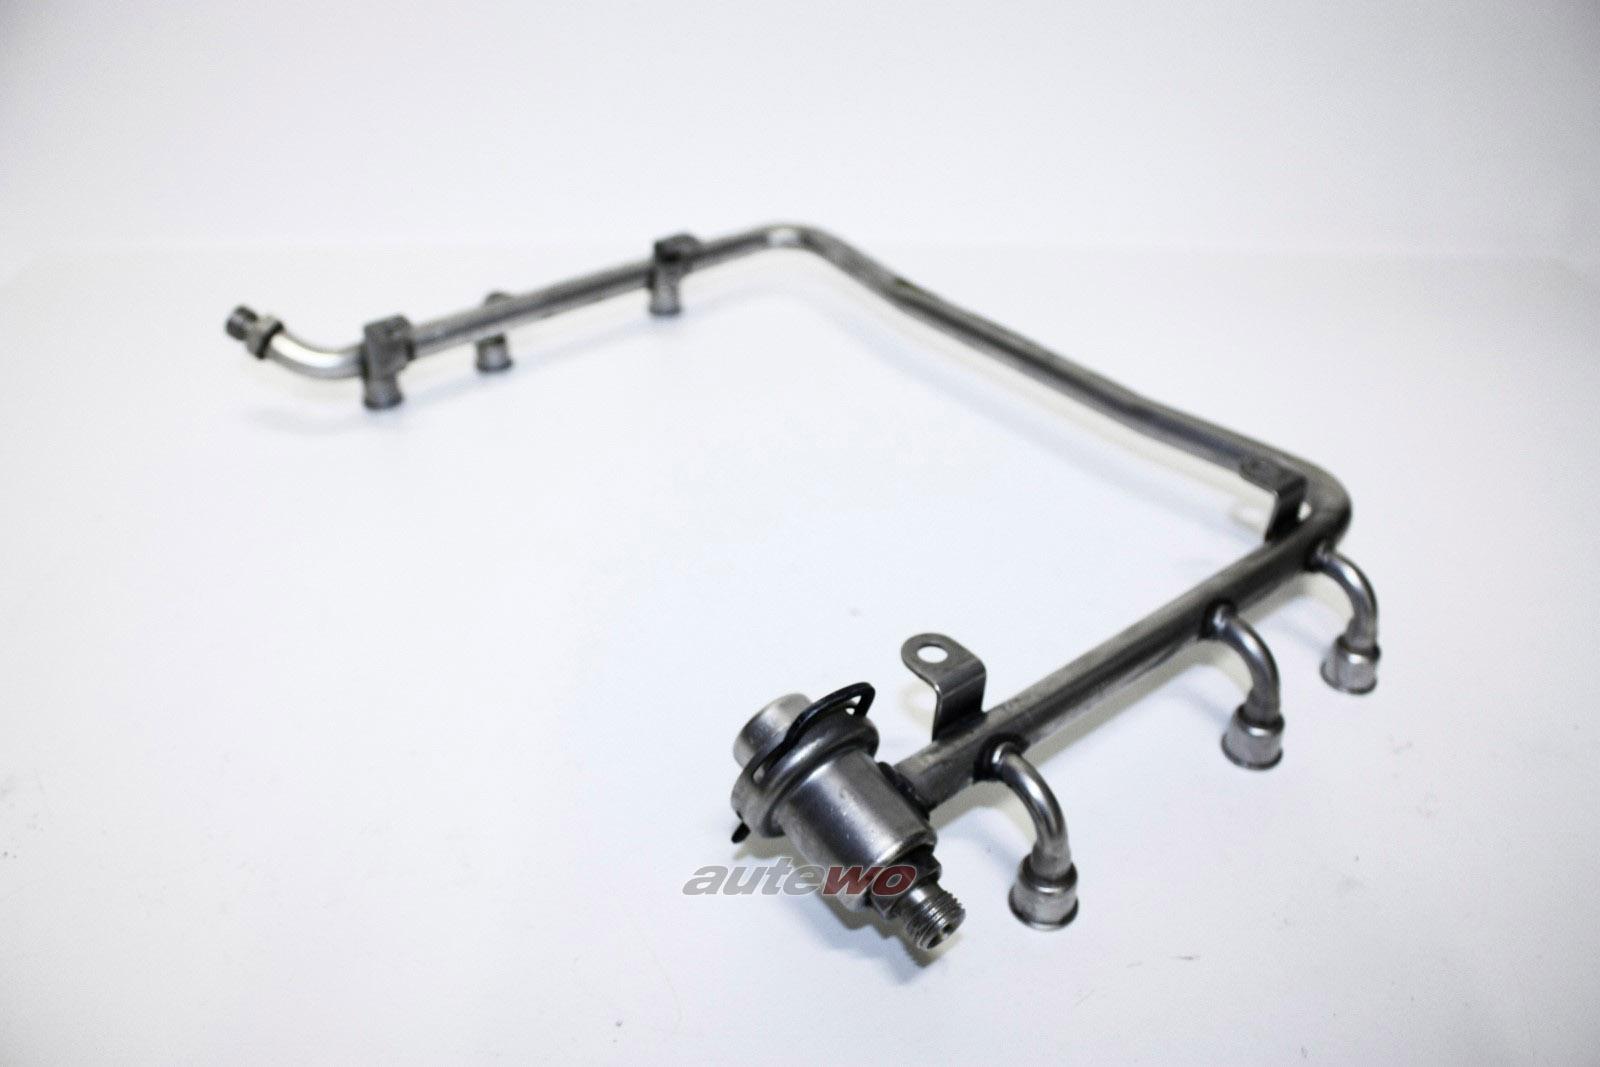 078133681N Audi 100/A6 C4 2.6-2.8l Einspritzleiste + Benzindruckregler